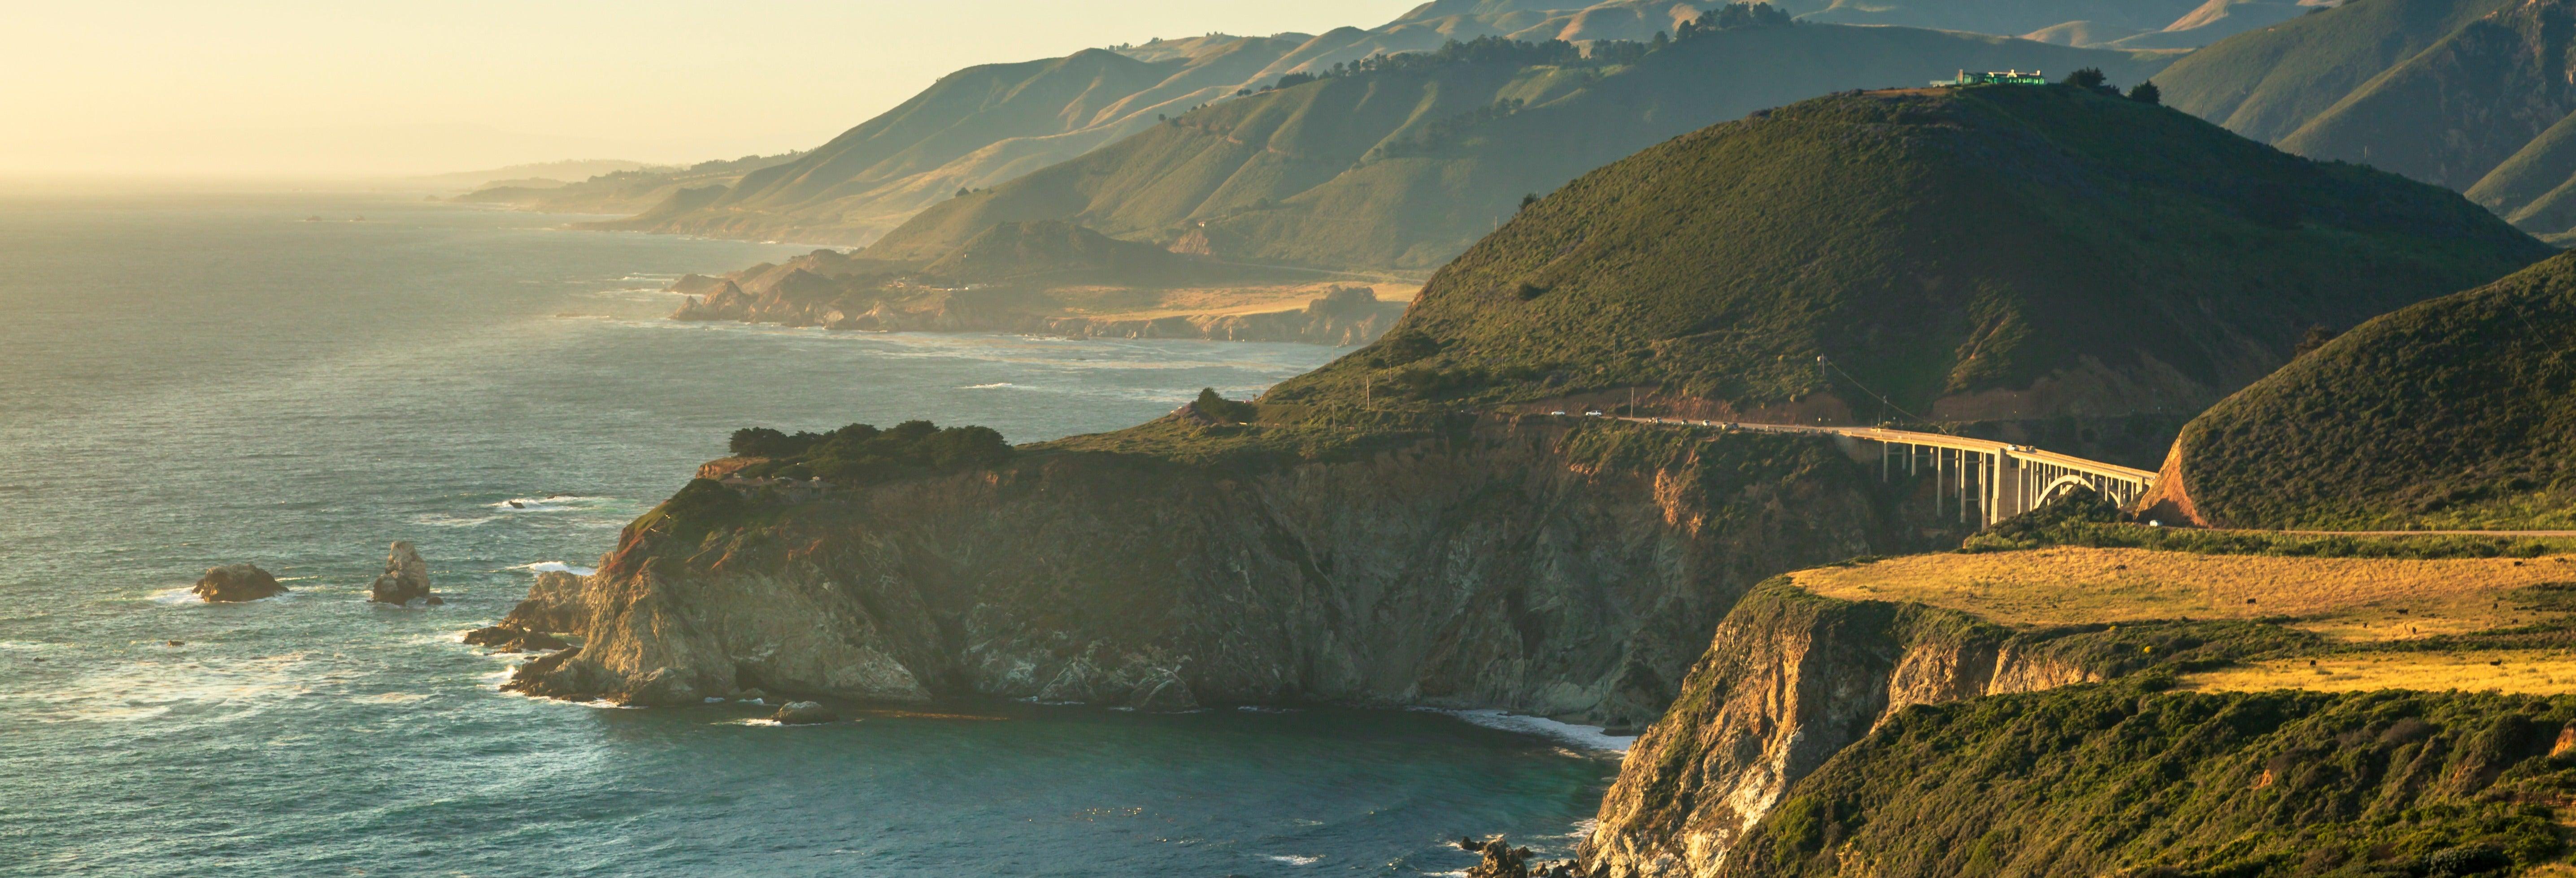 Tour de 2 dias de São Francisco a Los Angeles